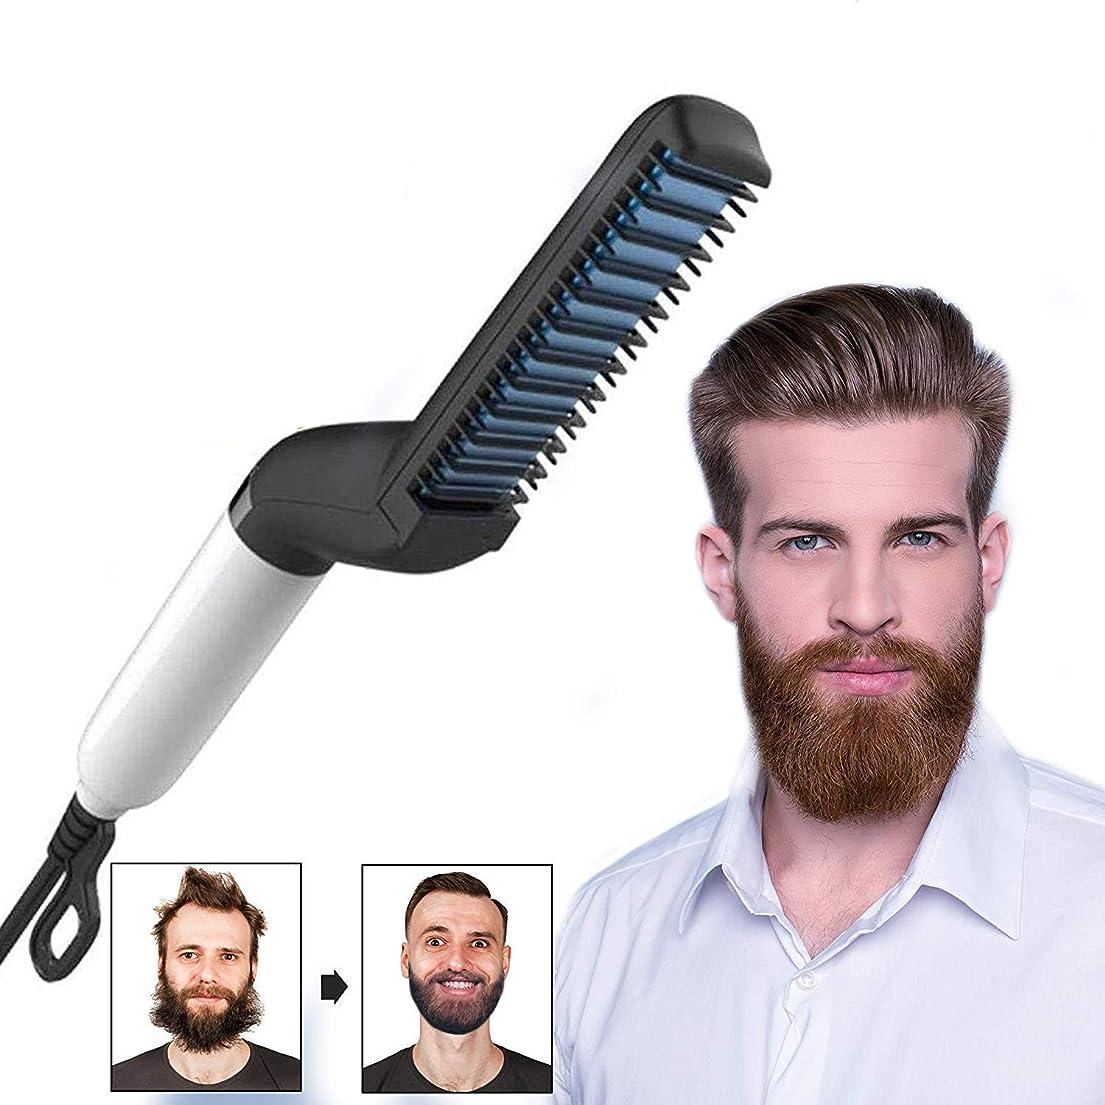 バケットなしで区別するひげ矯正、多機能電気ひげと男性のためのヒートブラシの櫛を矯正髪、、最高のギフトのための熱ひげ矯正ブラシ